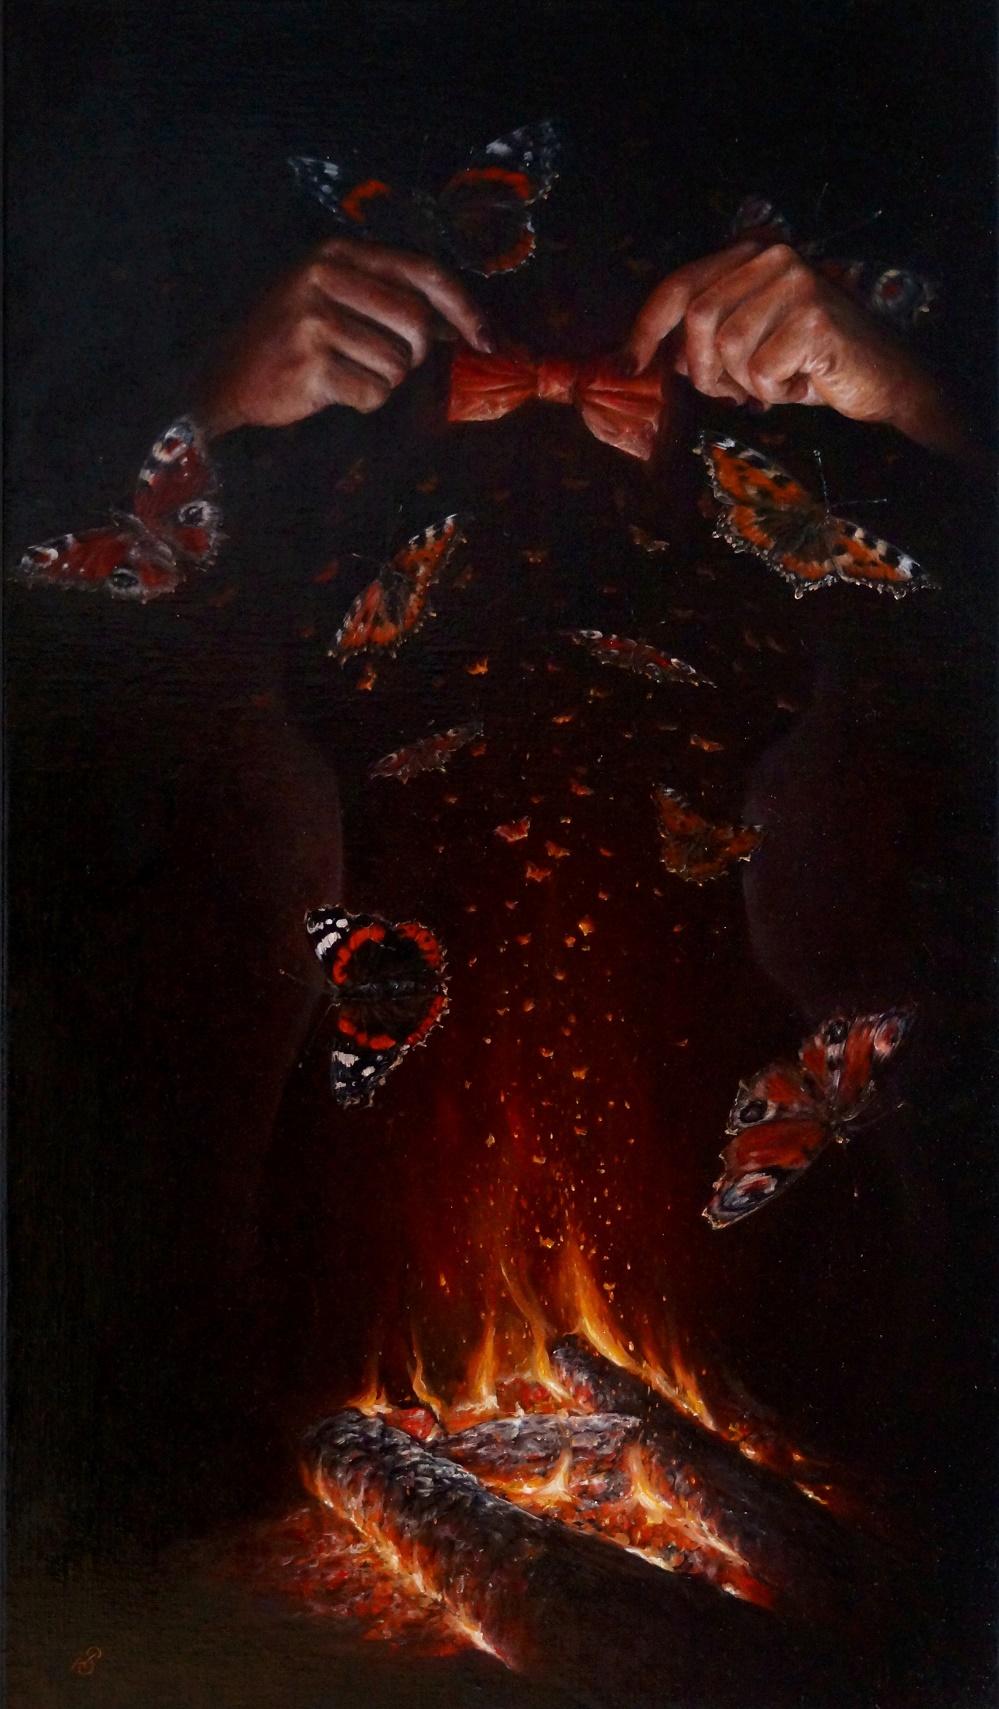 """Картина """"Бабочки"""", художник Сергей Колесников (KS), холст (лён, мелкое зерно), масло, 95x55 см, 2021 год. Живопись, авторский стиль - интегральный реализм."""